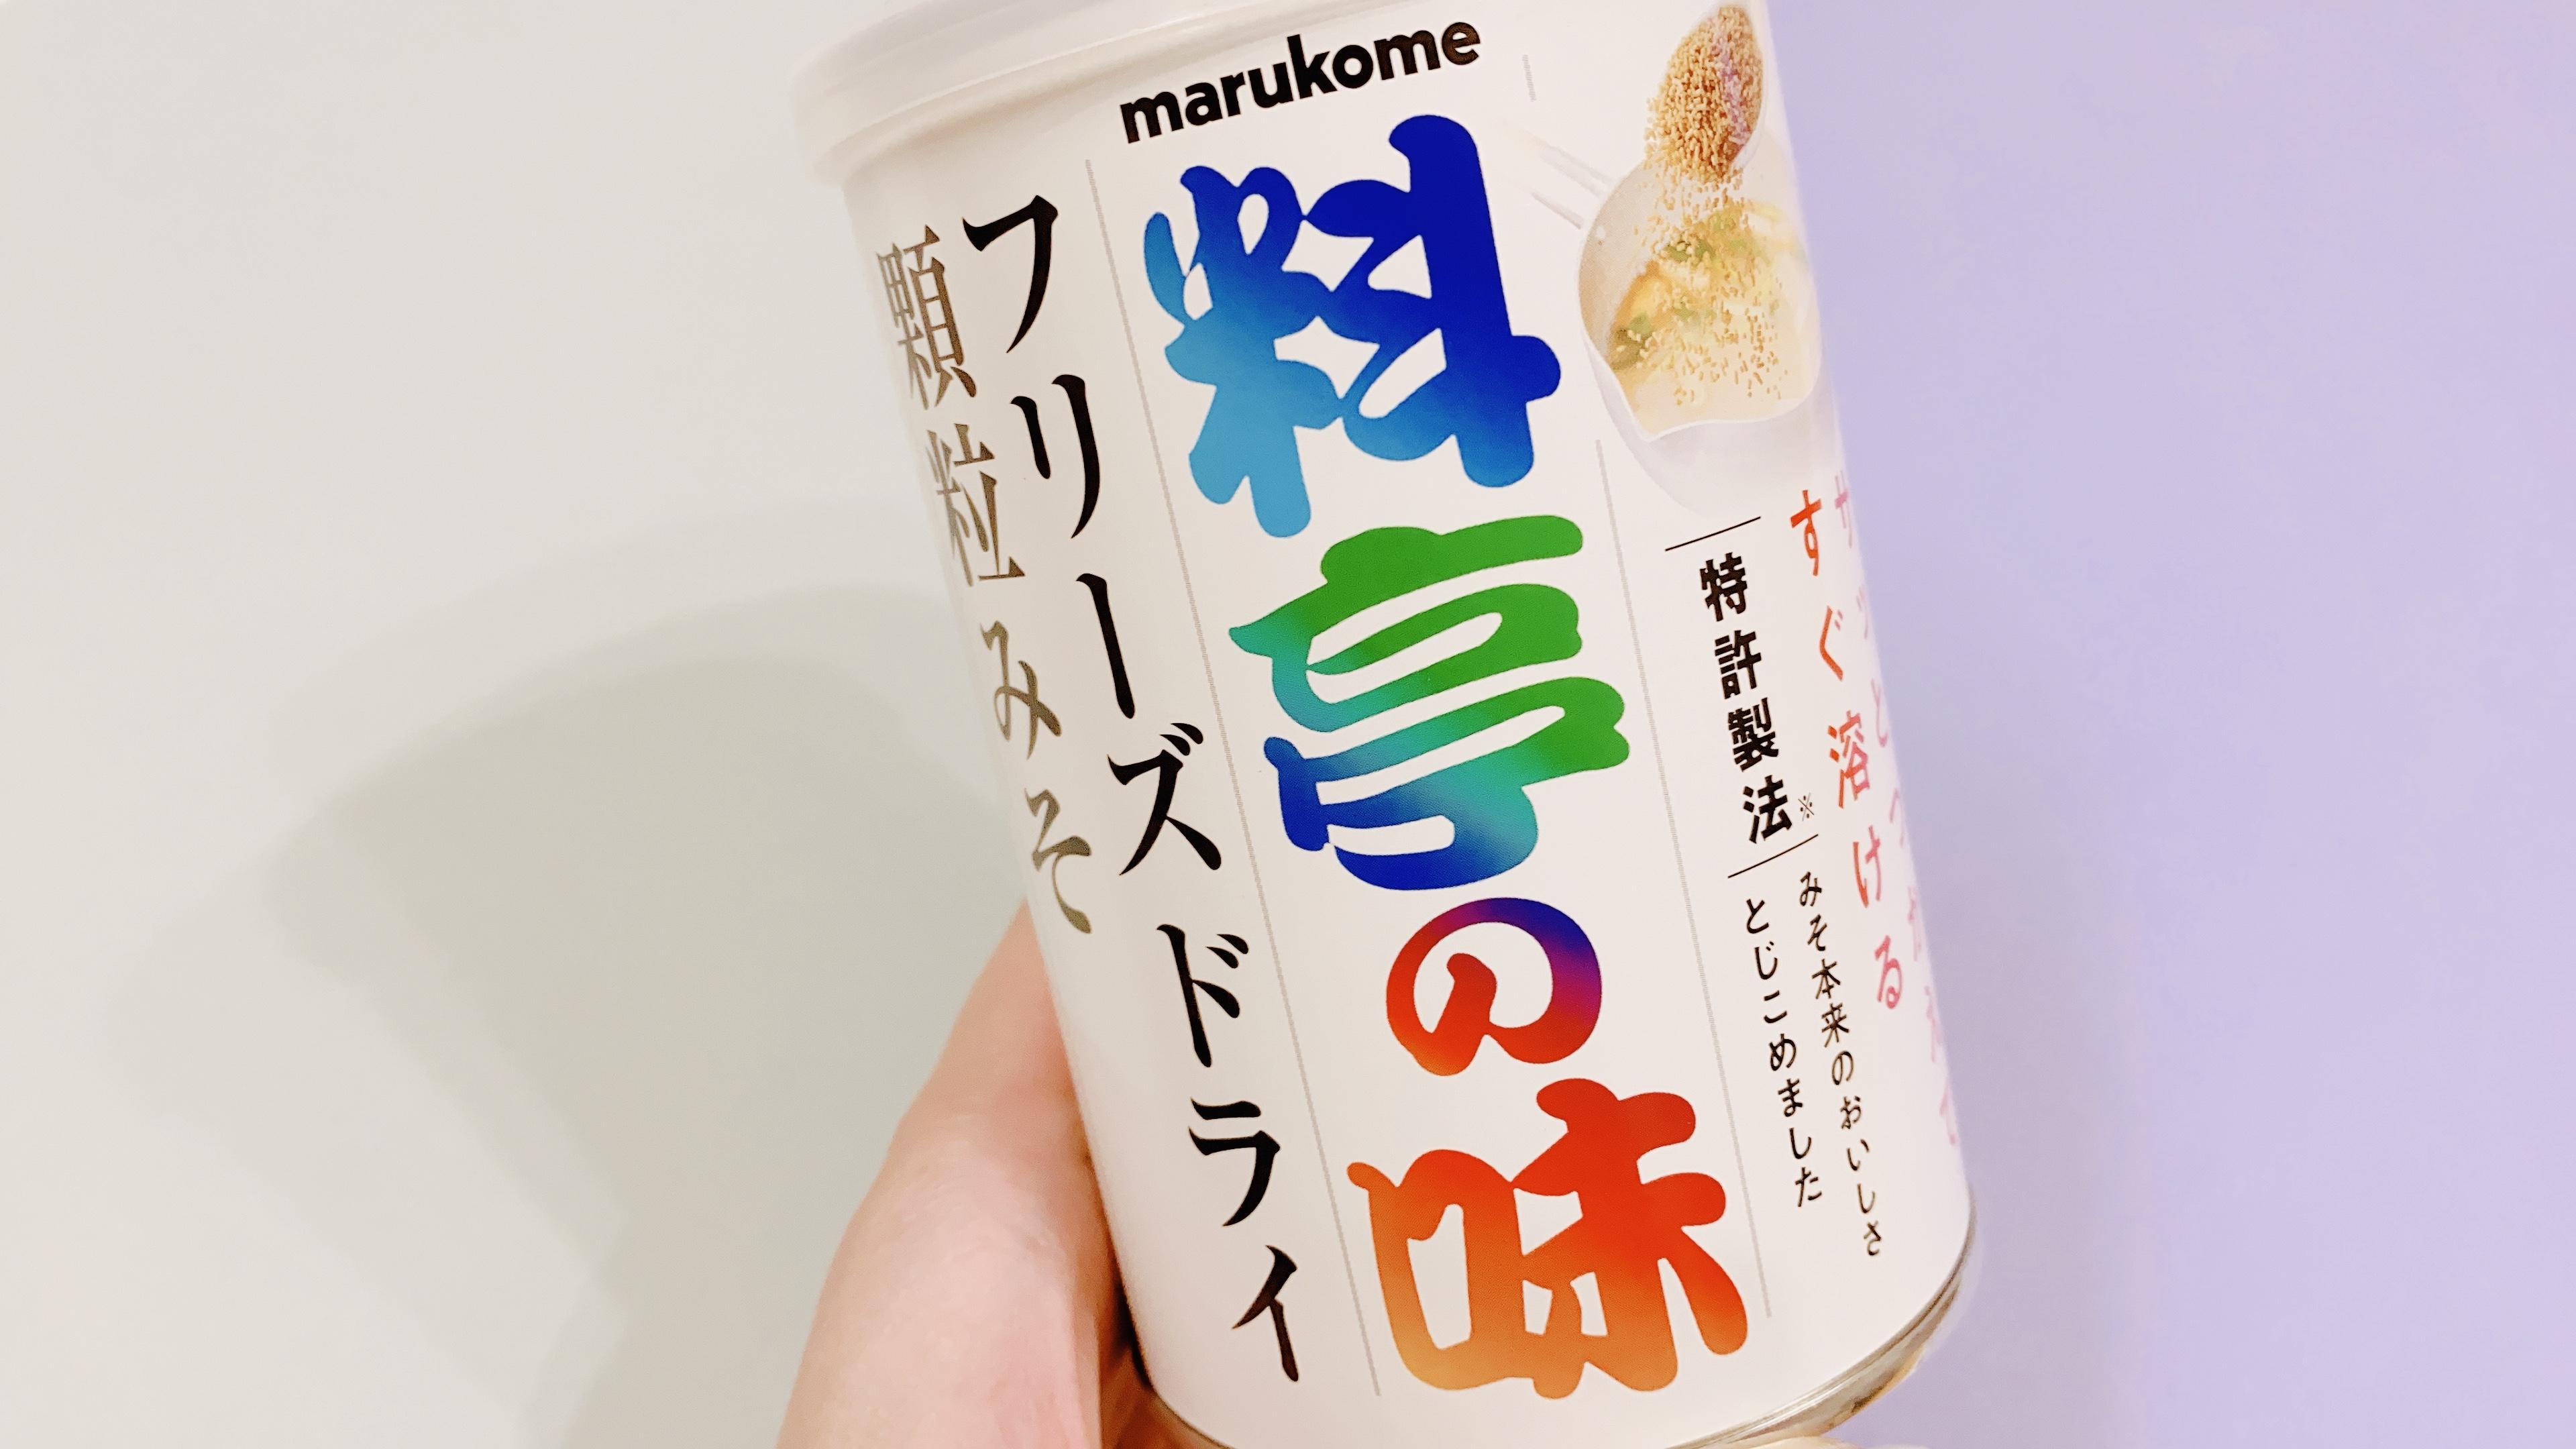 【マルコメ】料亭の味 フリーズドライ顆粒みそ❤︎_1